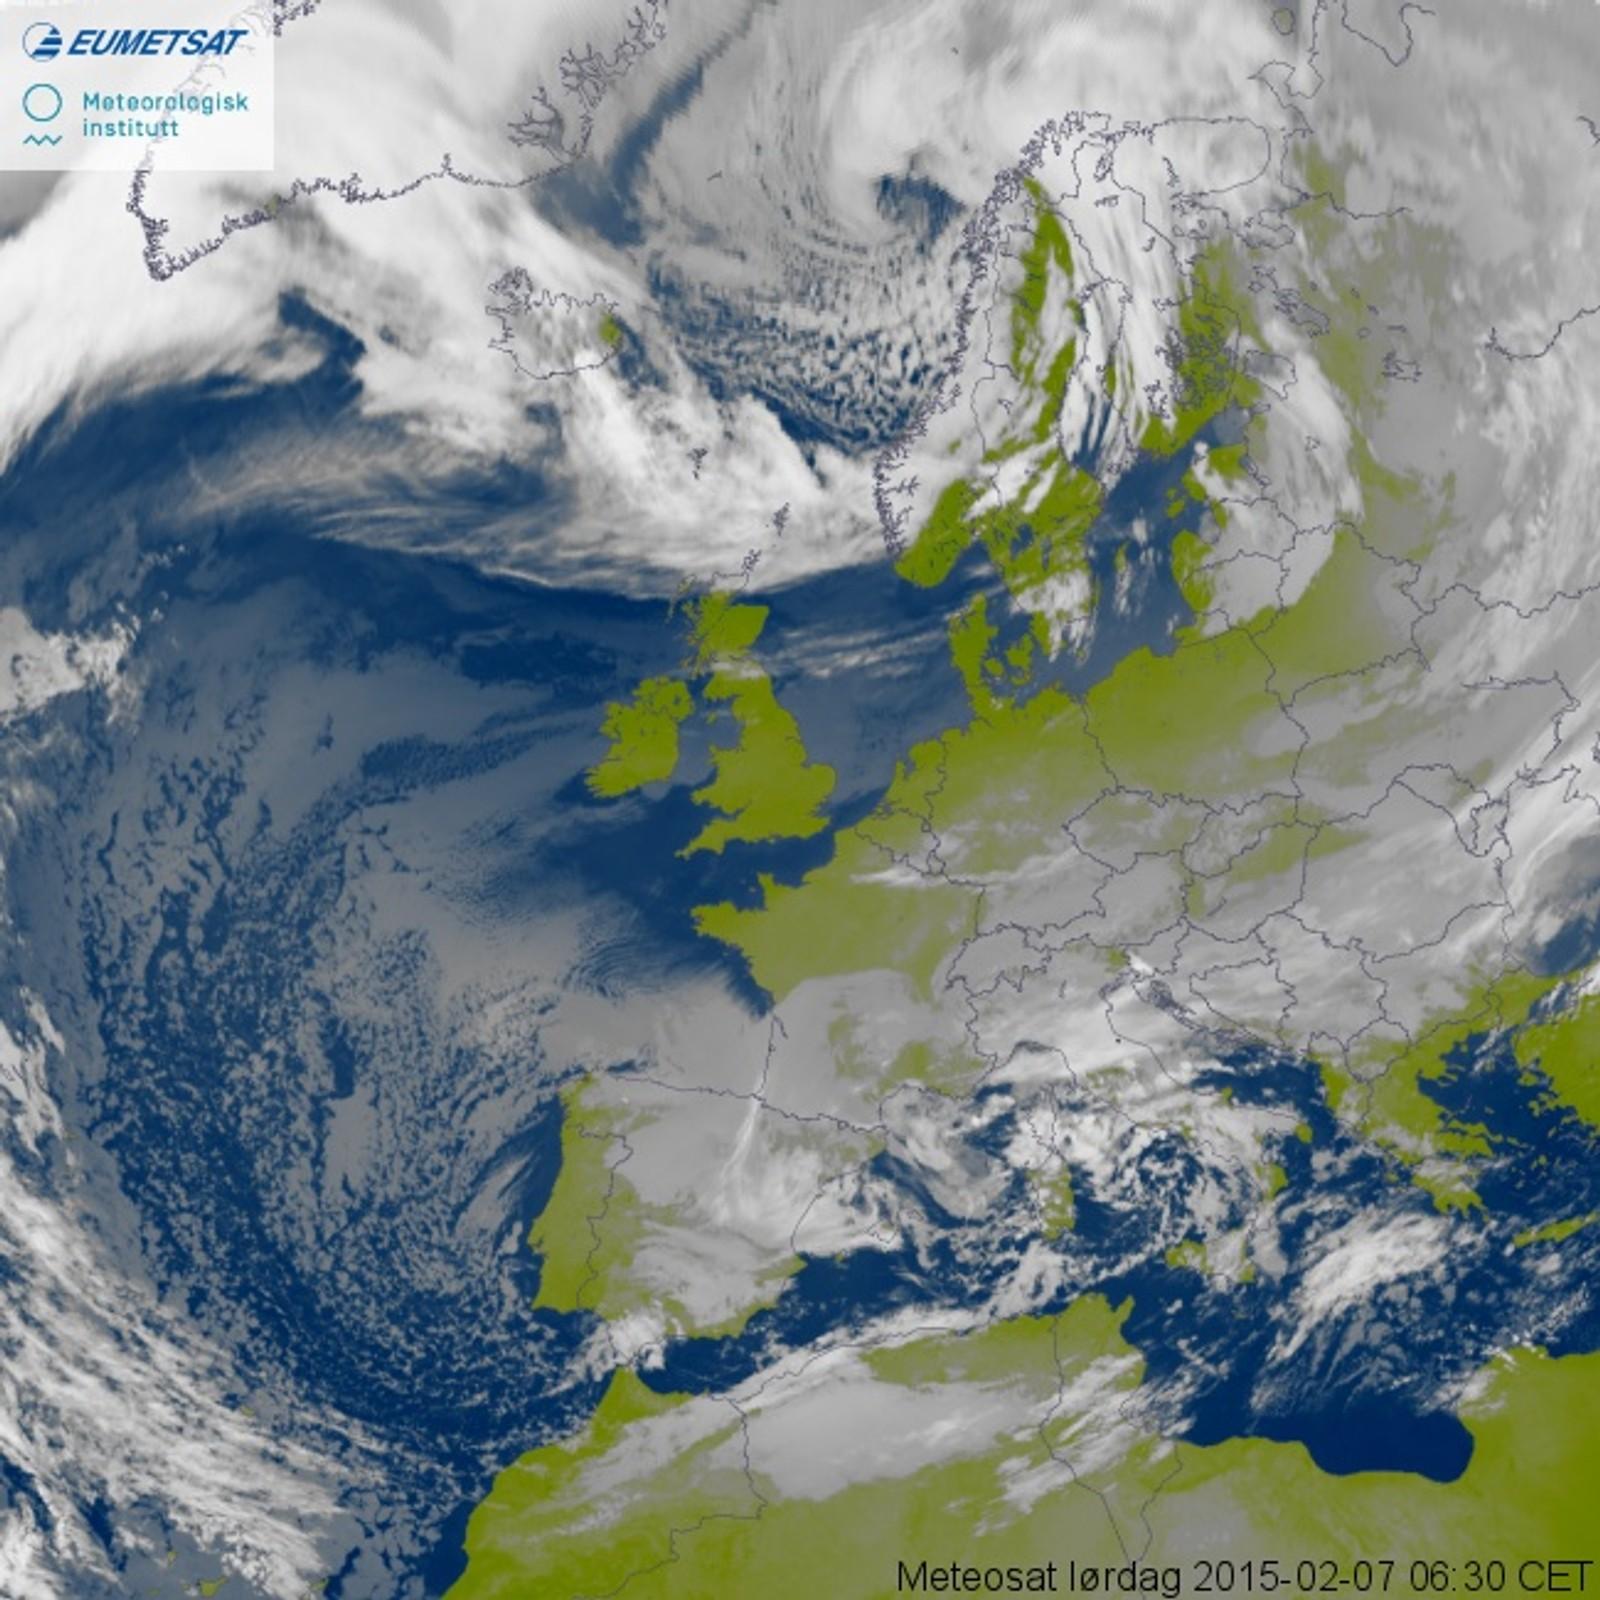 Satelittbilde av Ole tidlig lørdag morgen, før uværet treffer Norge.